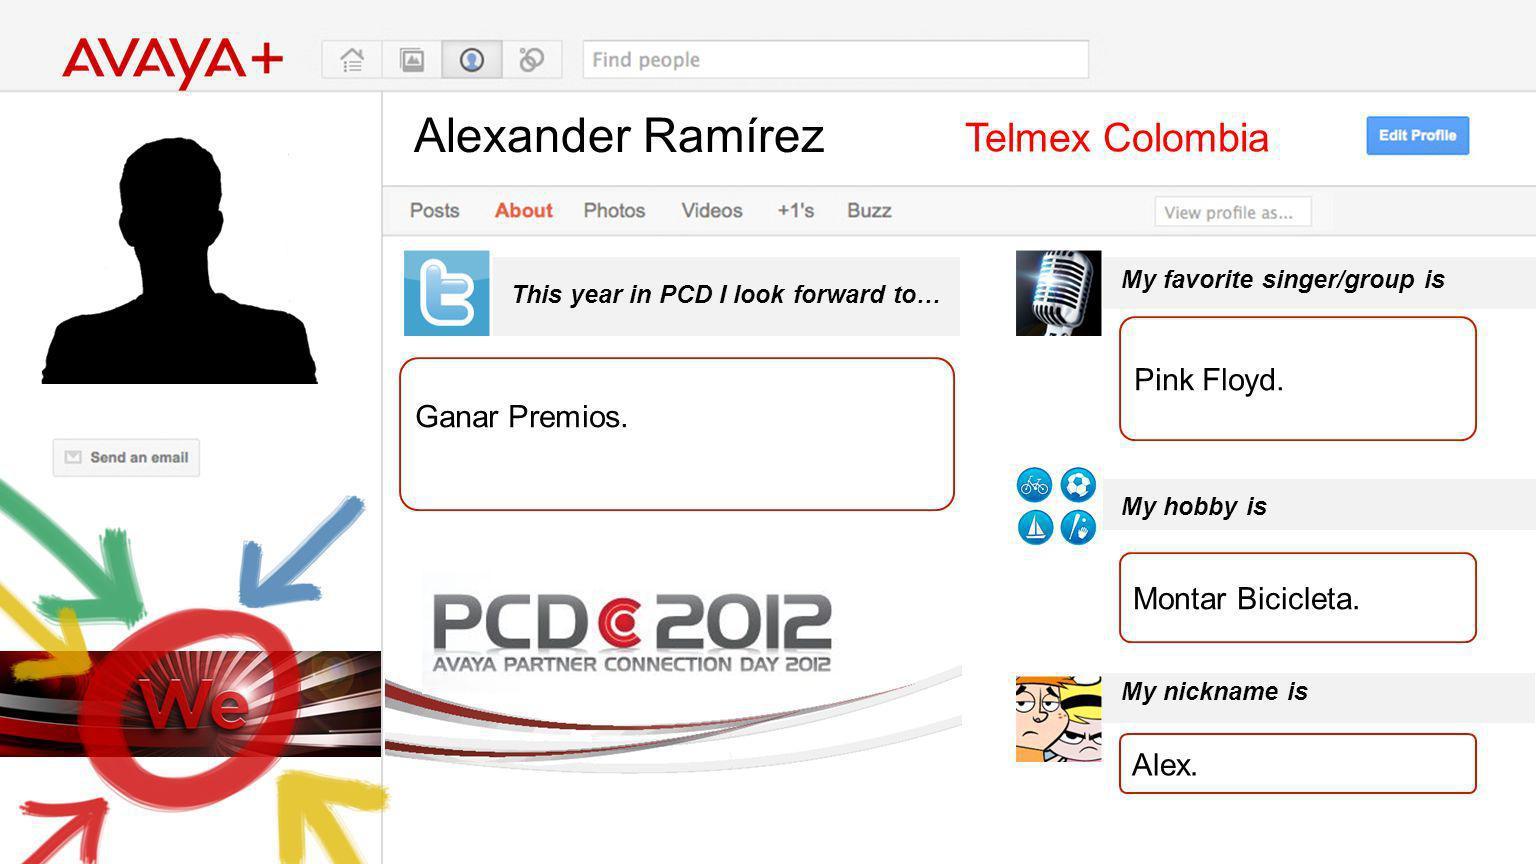 Alexander Ramírez This year in PCD I look forward to… Telmex Colombia Ganar Premios. My favorite singer/group is My hobby is My nickname is Pink Floyd